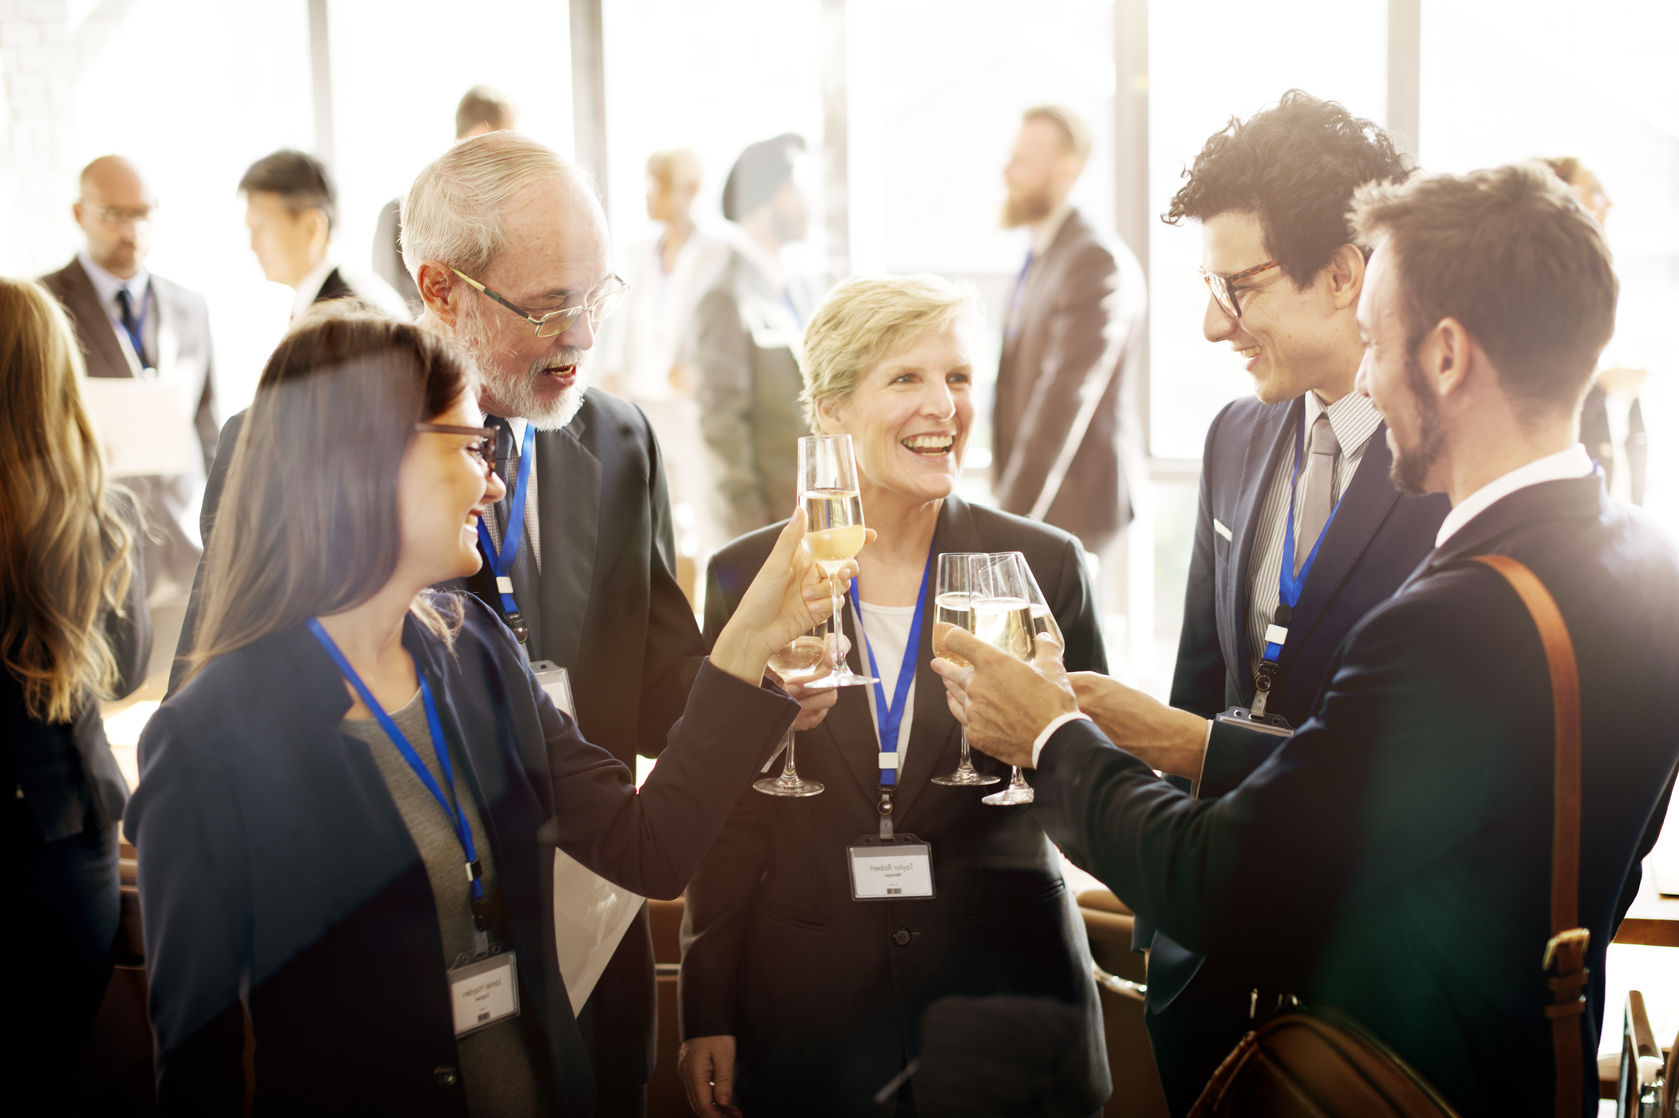 O poder do networking: seu próximo trabalho pode estar na mesa do café